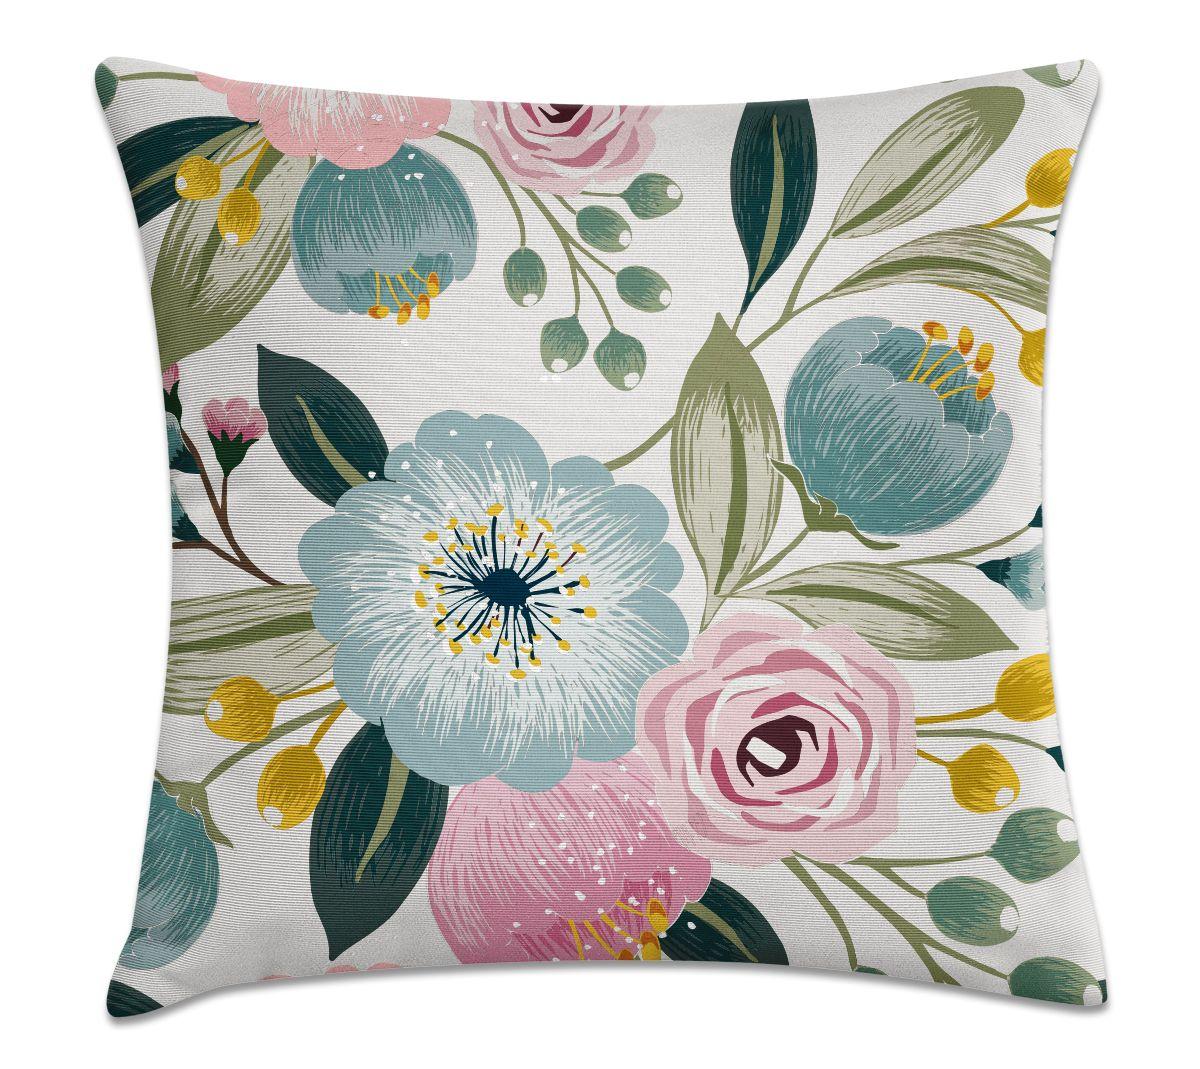 a1309c7ac Almofadas decorativas. Personalize sua casa com as almofadas decorativas  exclusivas da Kombigode Store . Aproveite